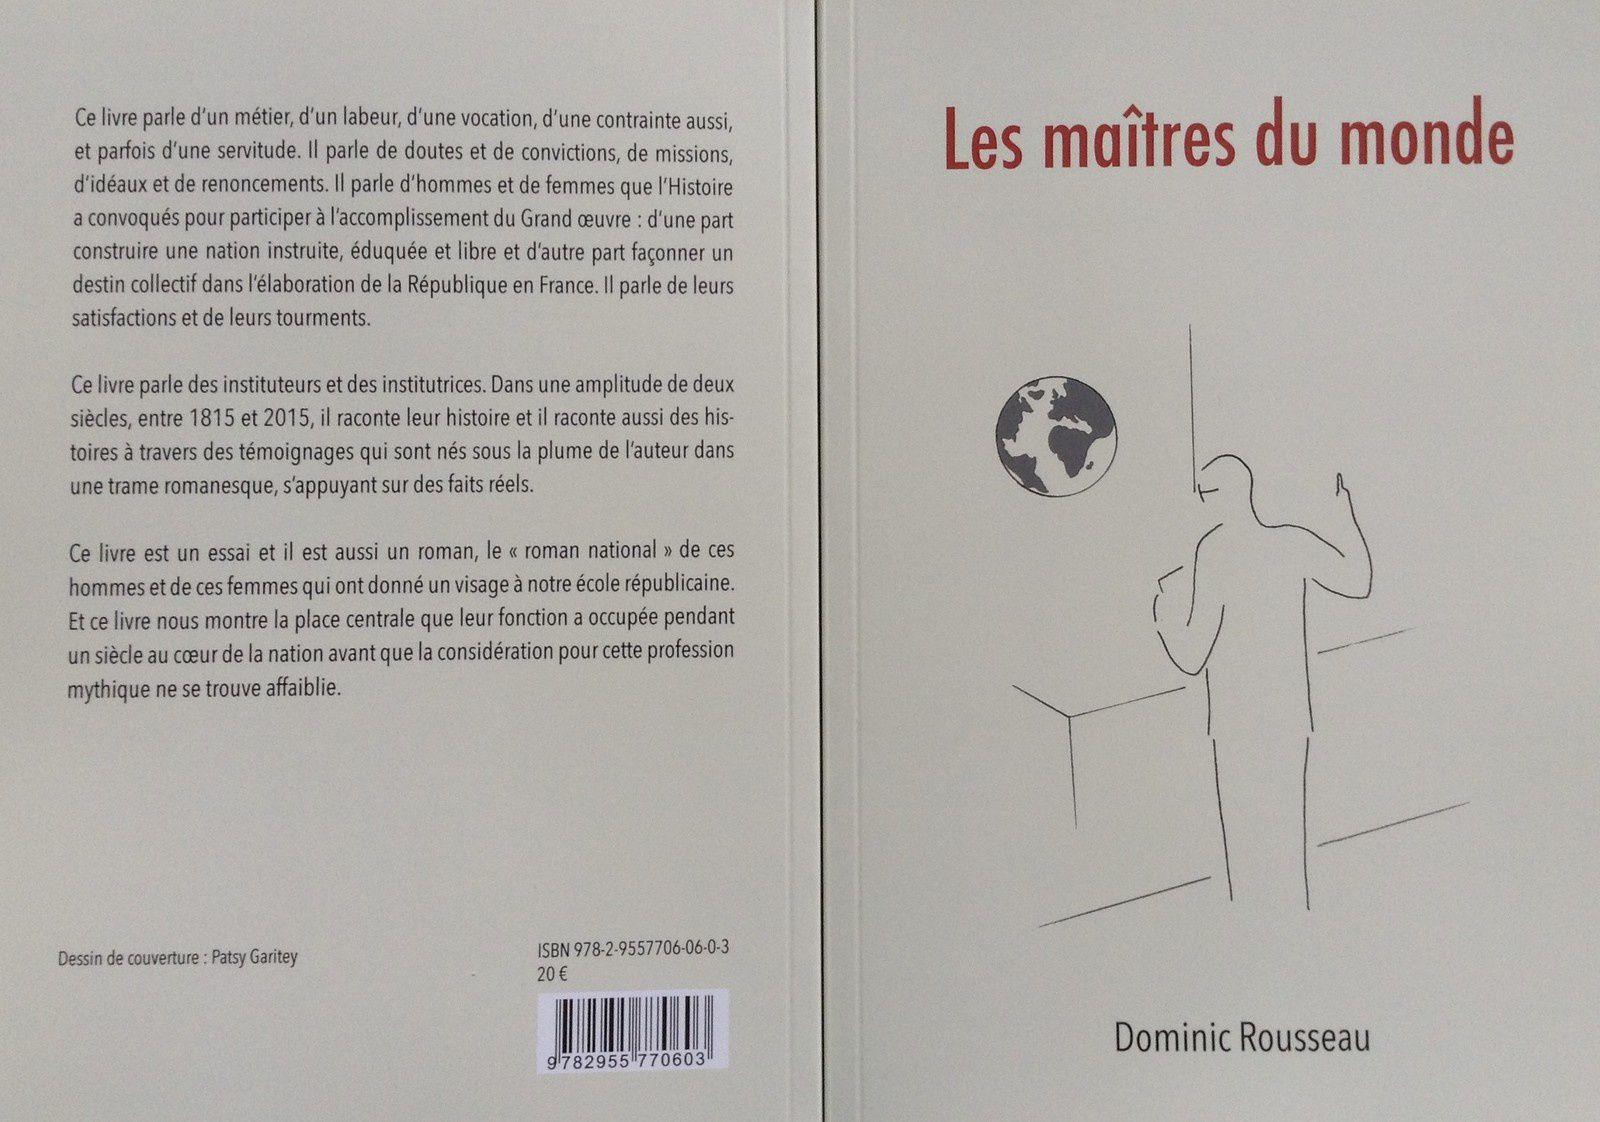 Le livre est en vente auprès de l'association au prix de 20 €